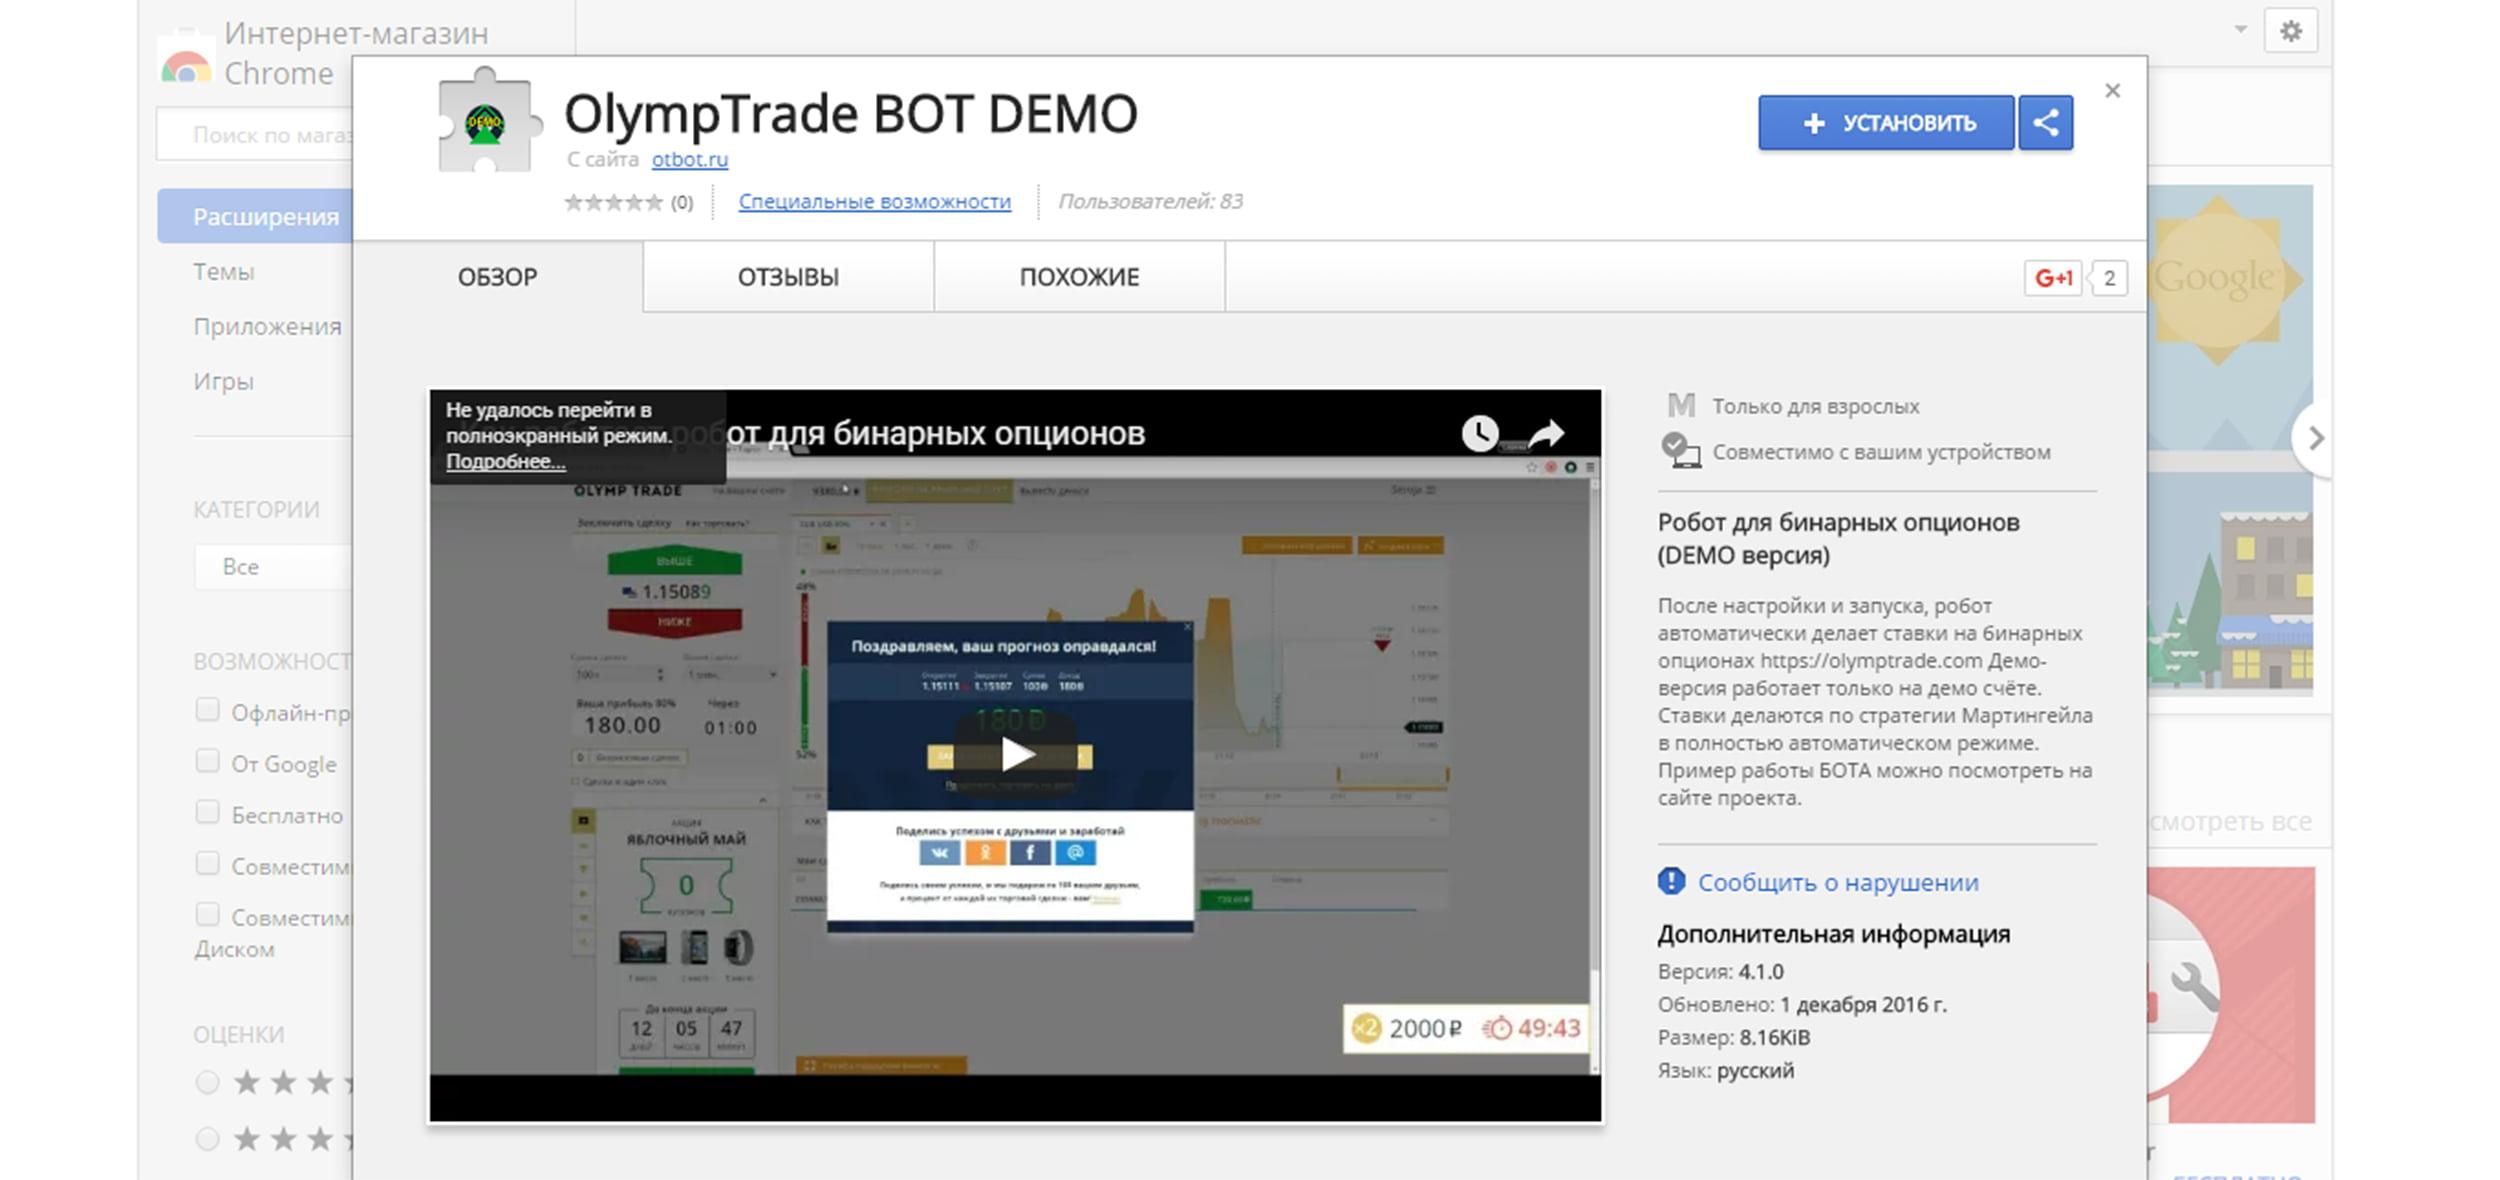 На сайте Otbot.ru переходим по специальной ссылке для получения робота Олимп Трейд